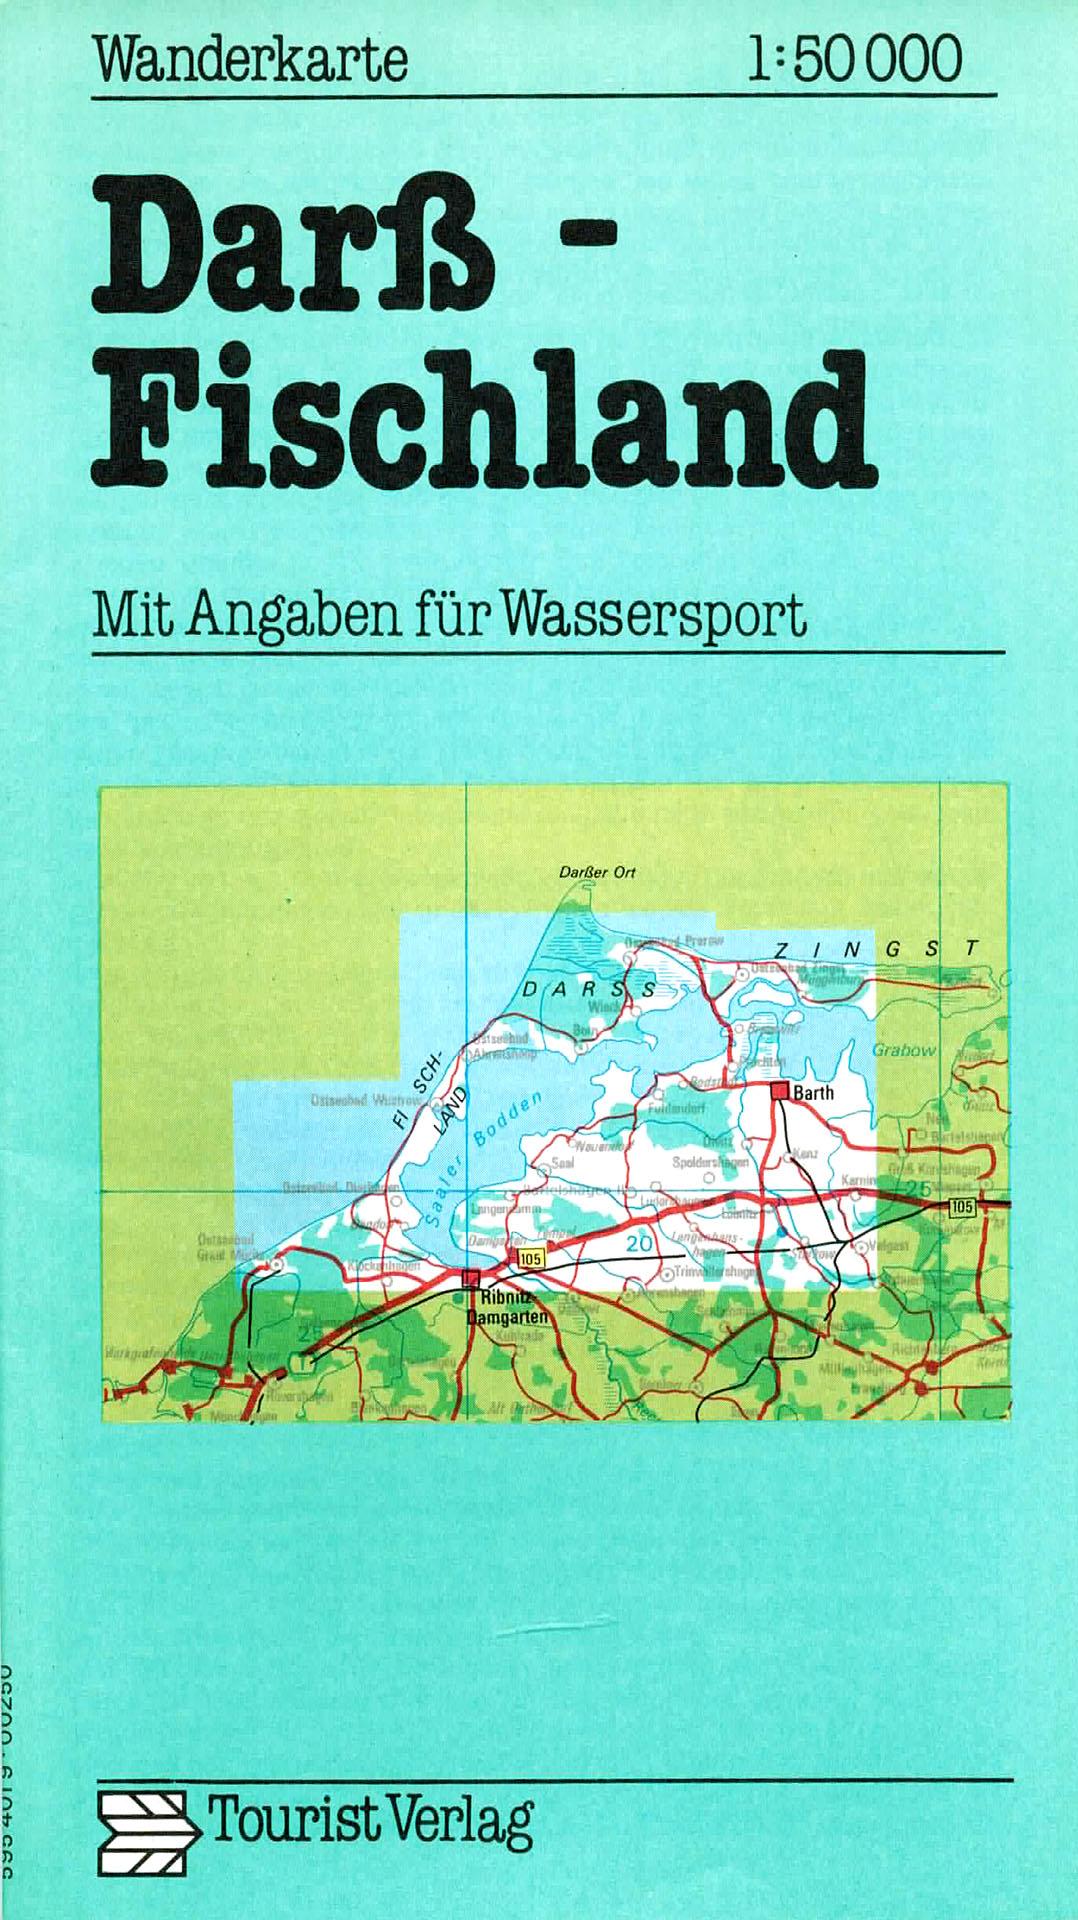 Darß - Fischland